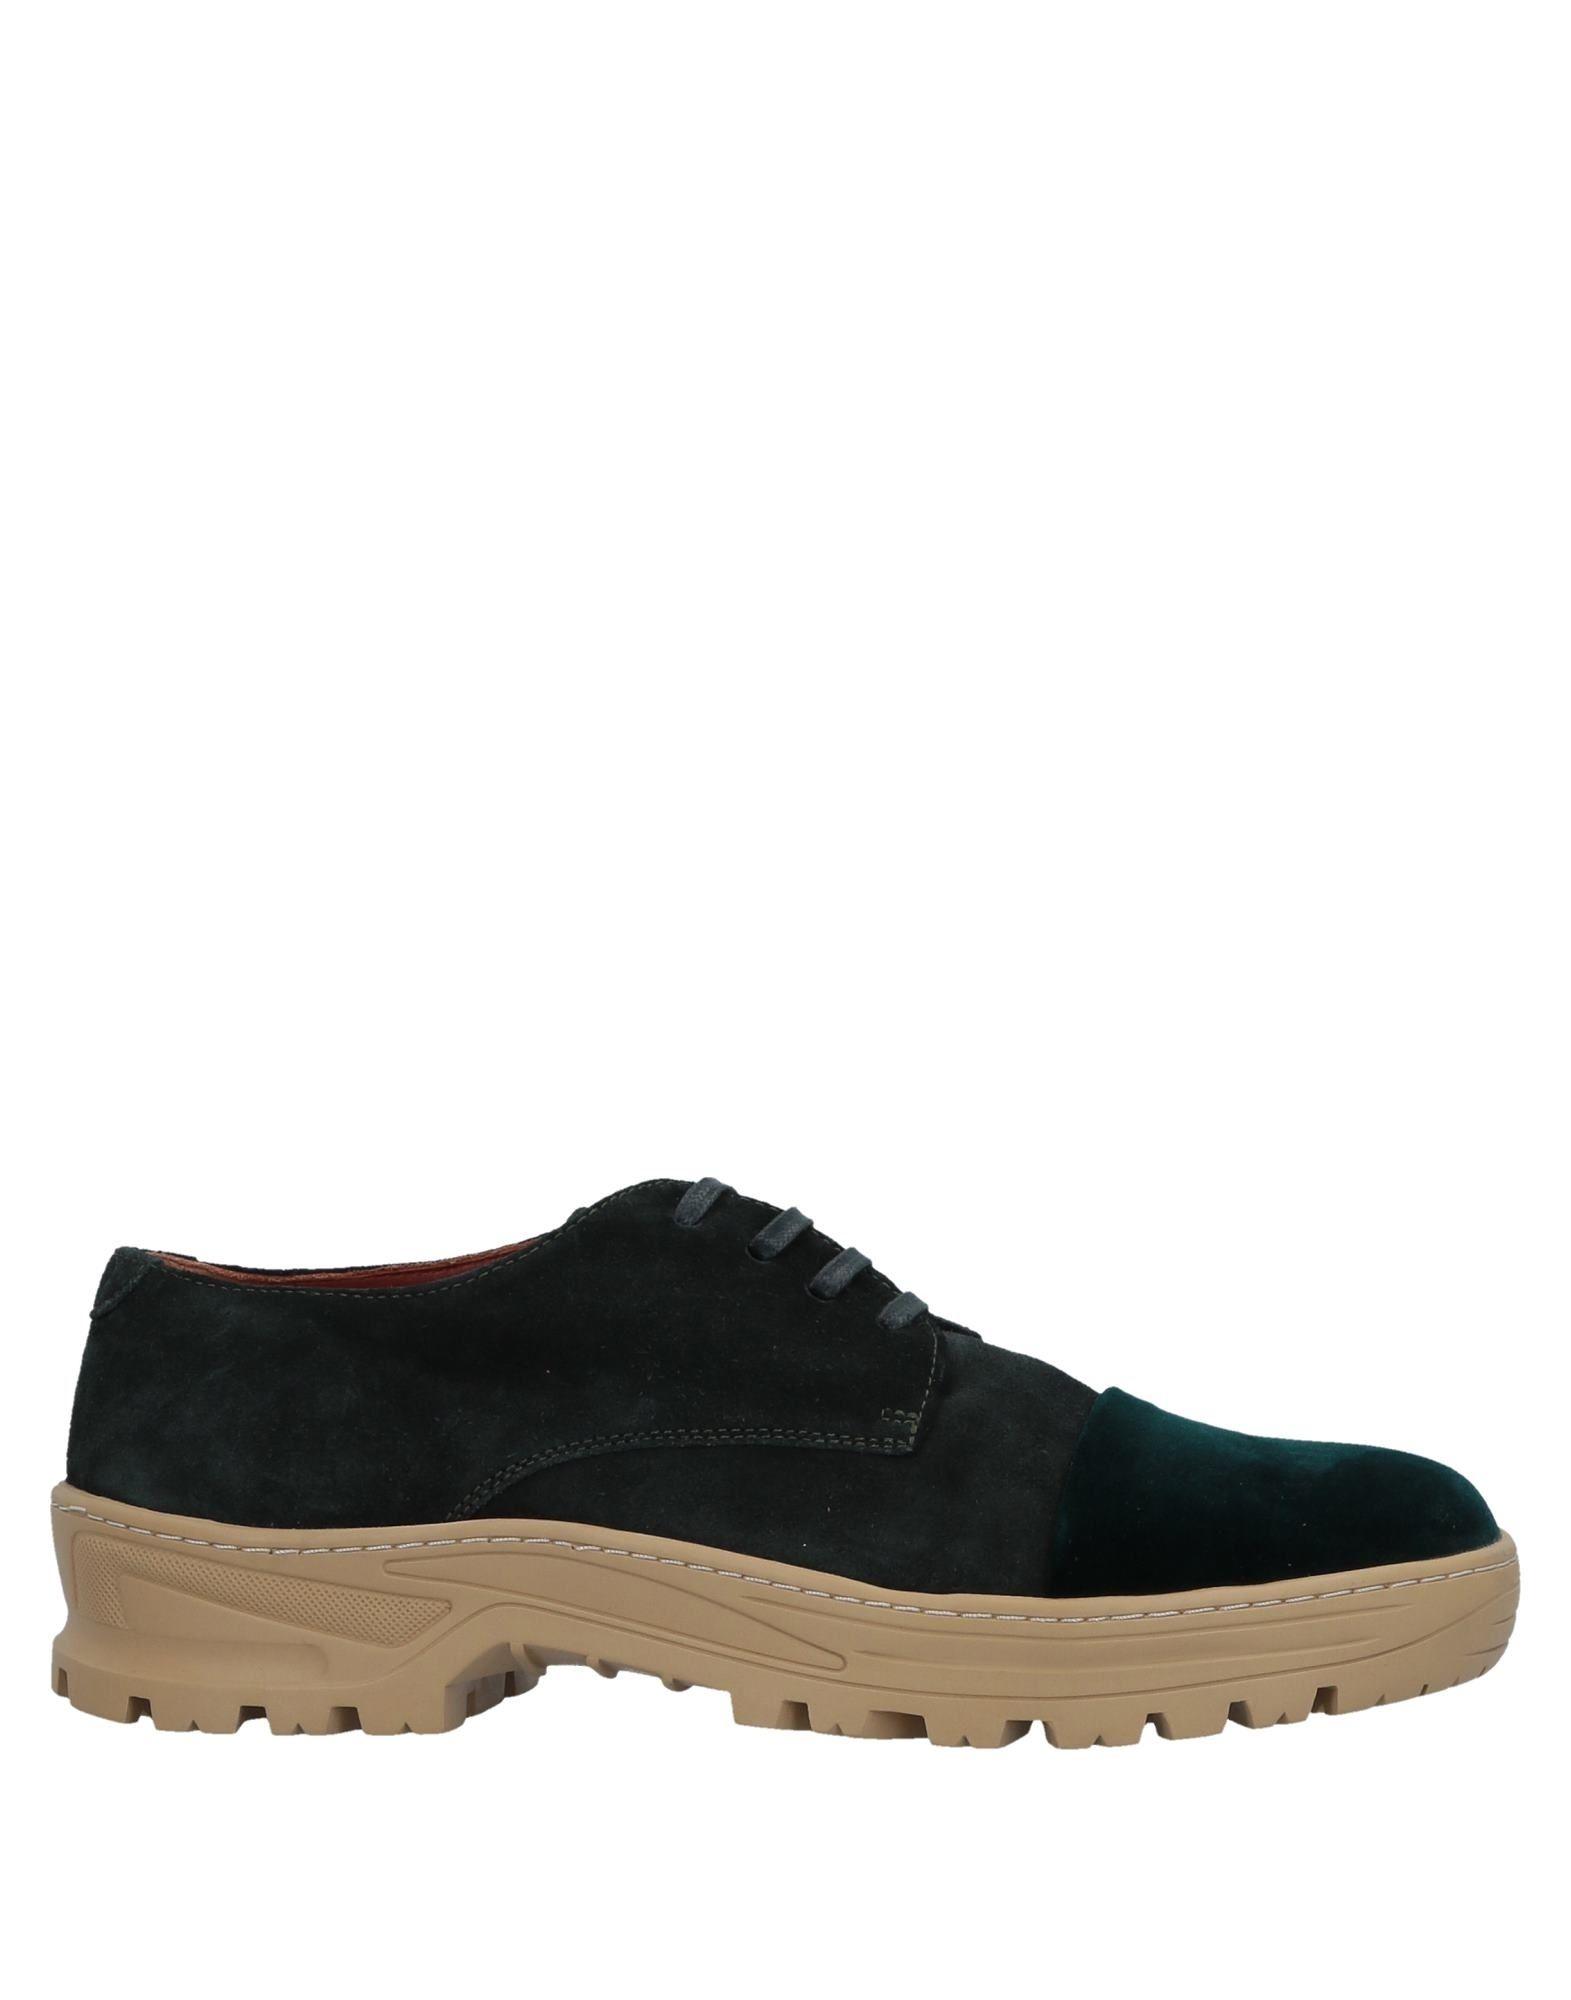 Missoni Schnürschuhe Herren  11482389AK Gute Qualität beliebte Schuhe